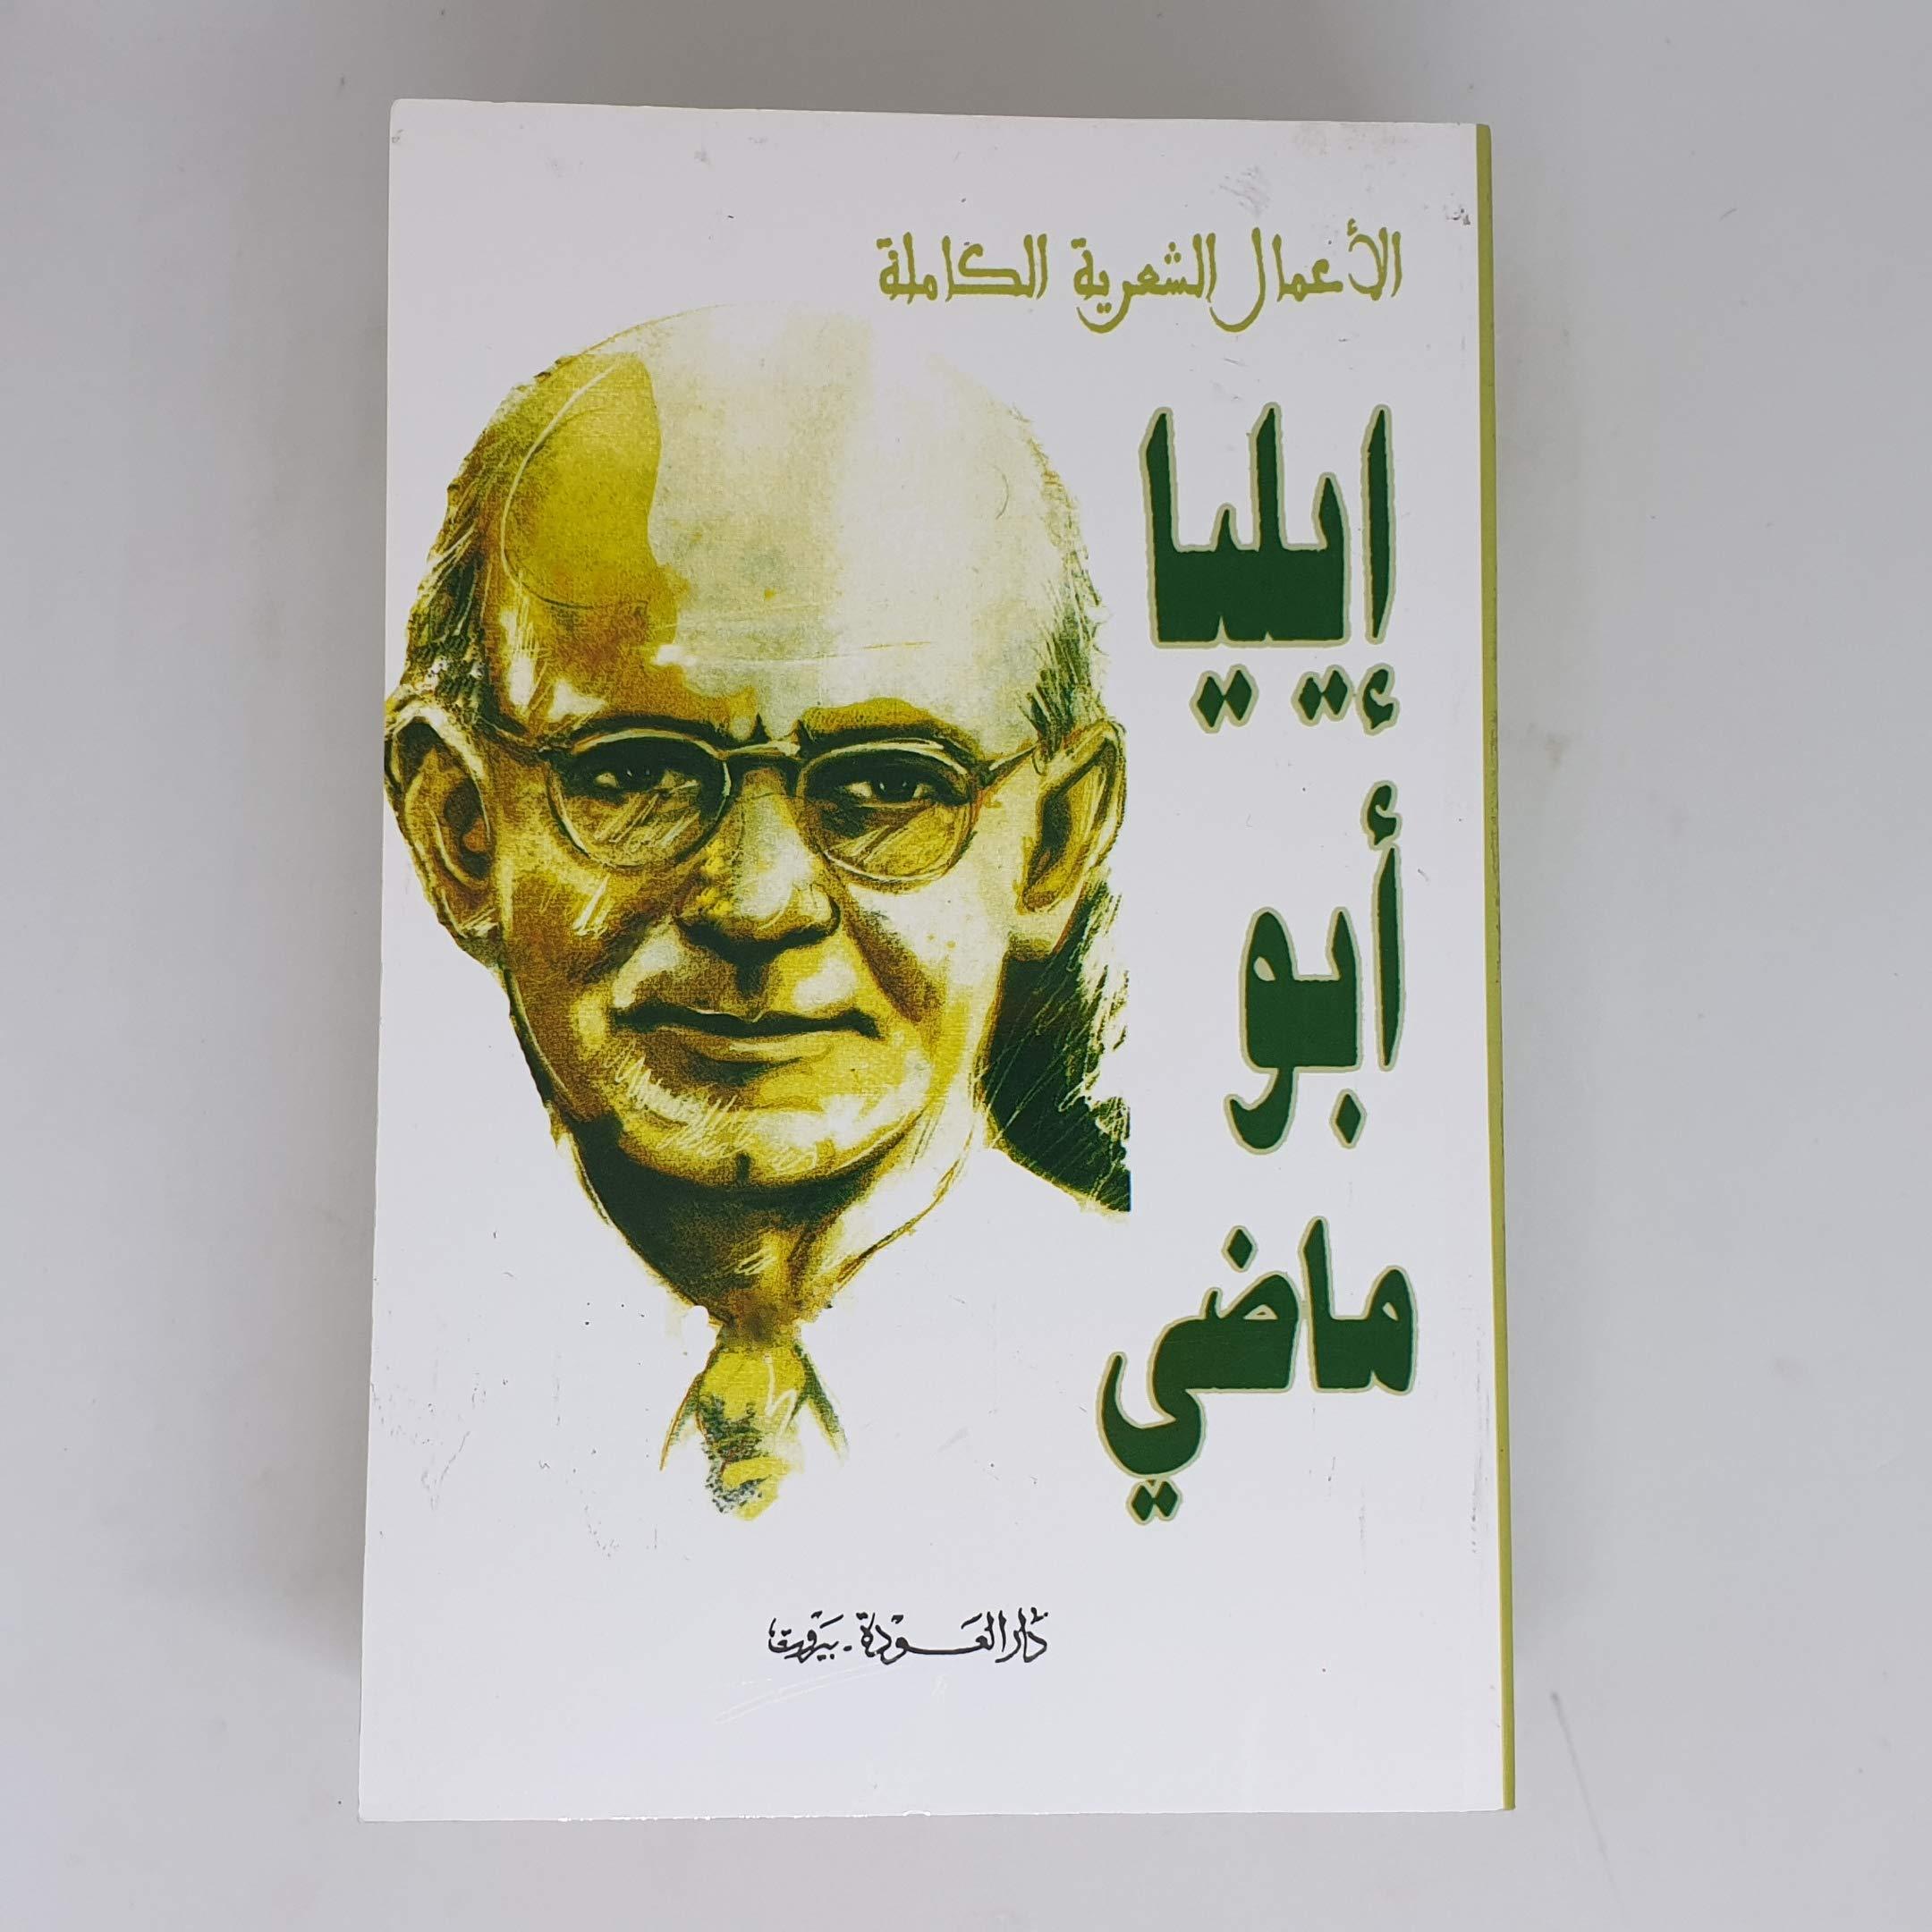 الأعمال الشعرية الكاملة إيليا أبو ماضي إيليا أبو ماضي 9905782007050 Amazon Com Books